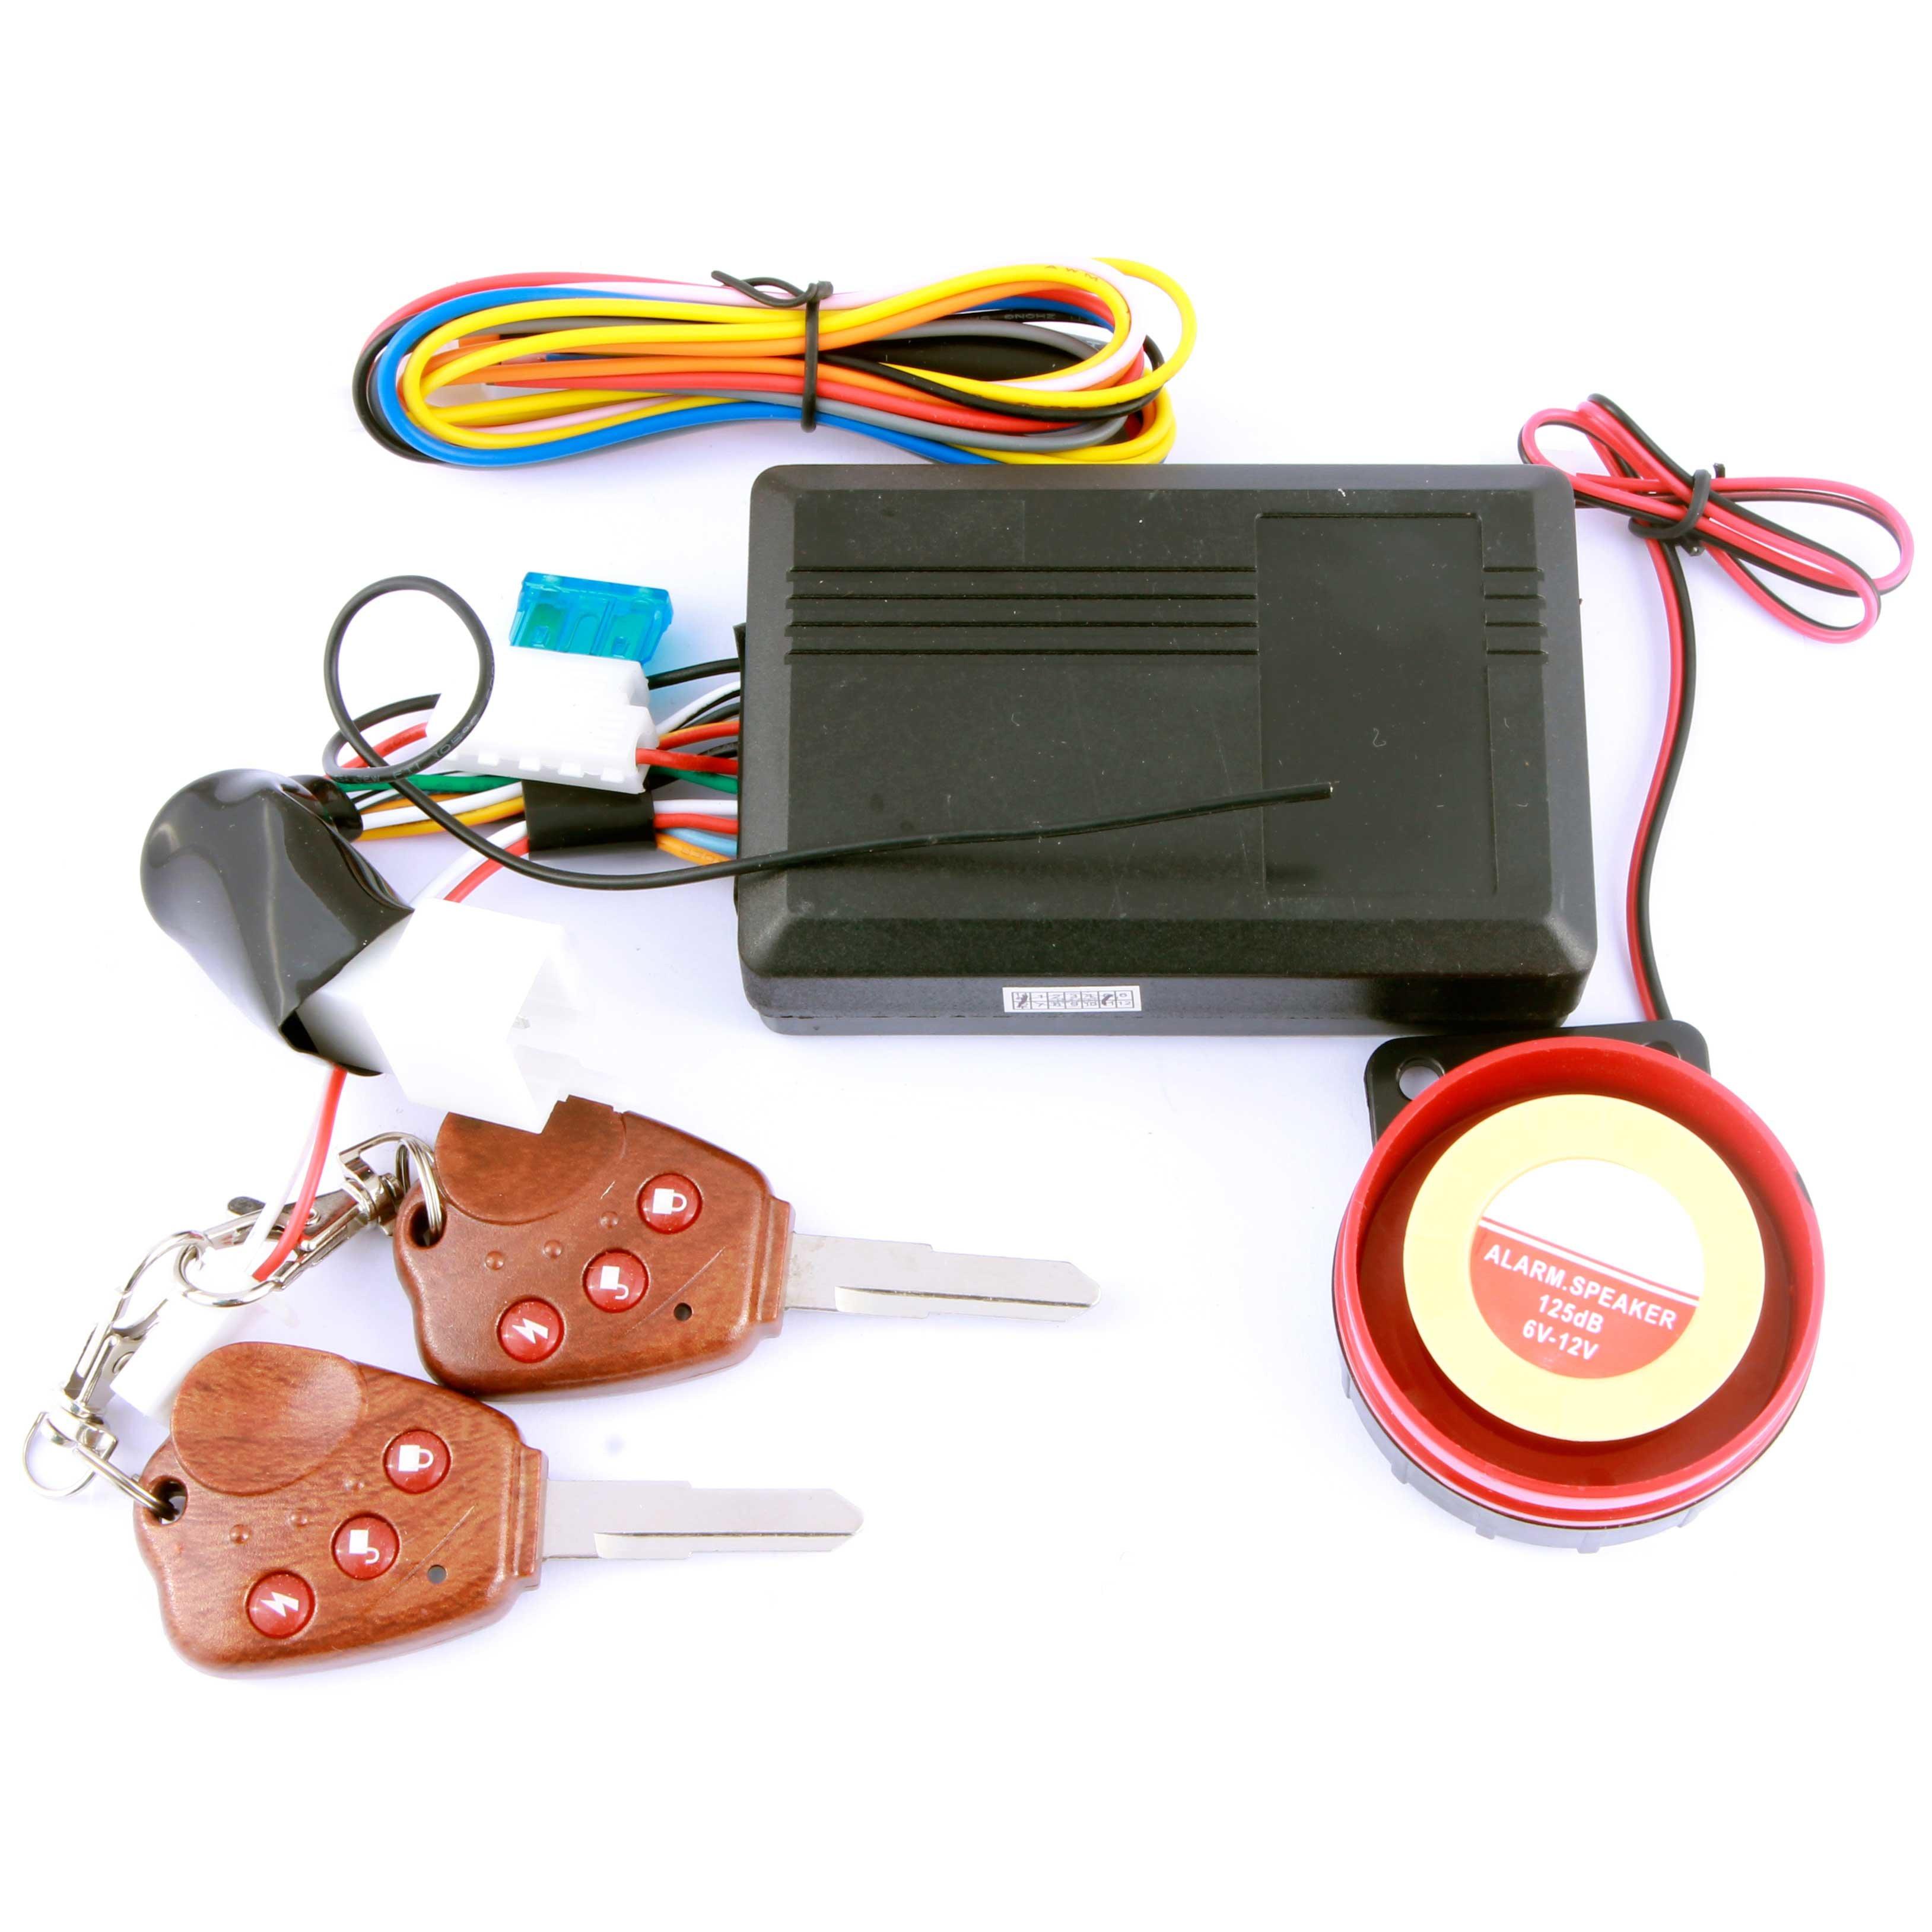 Сигнализация для мотоцикла AF028-05C 4610014473231